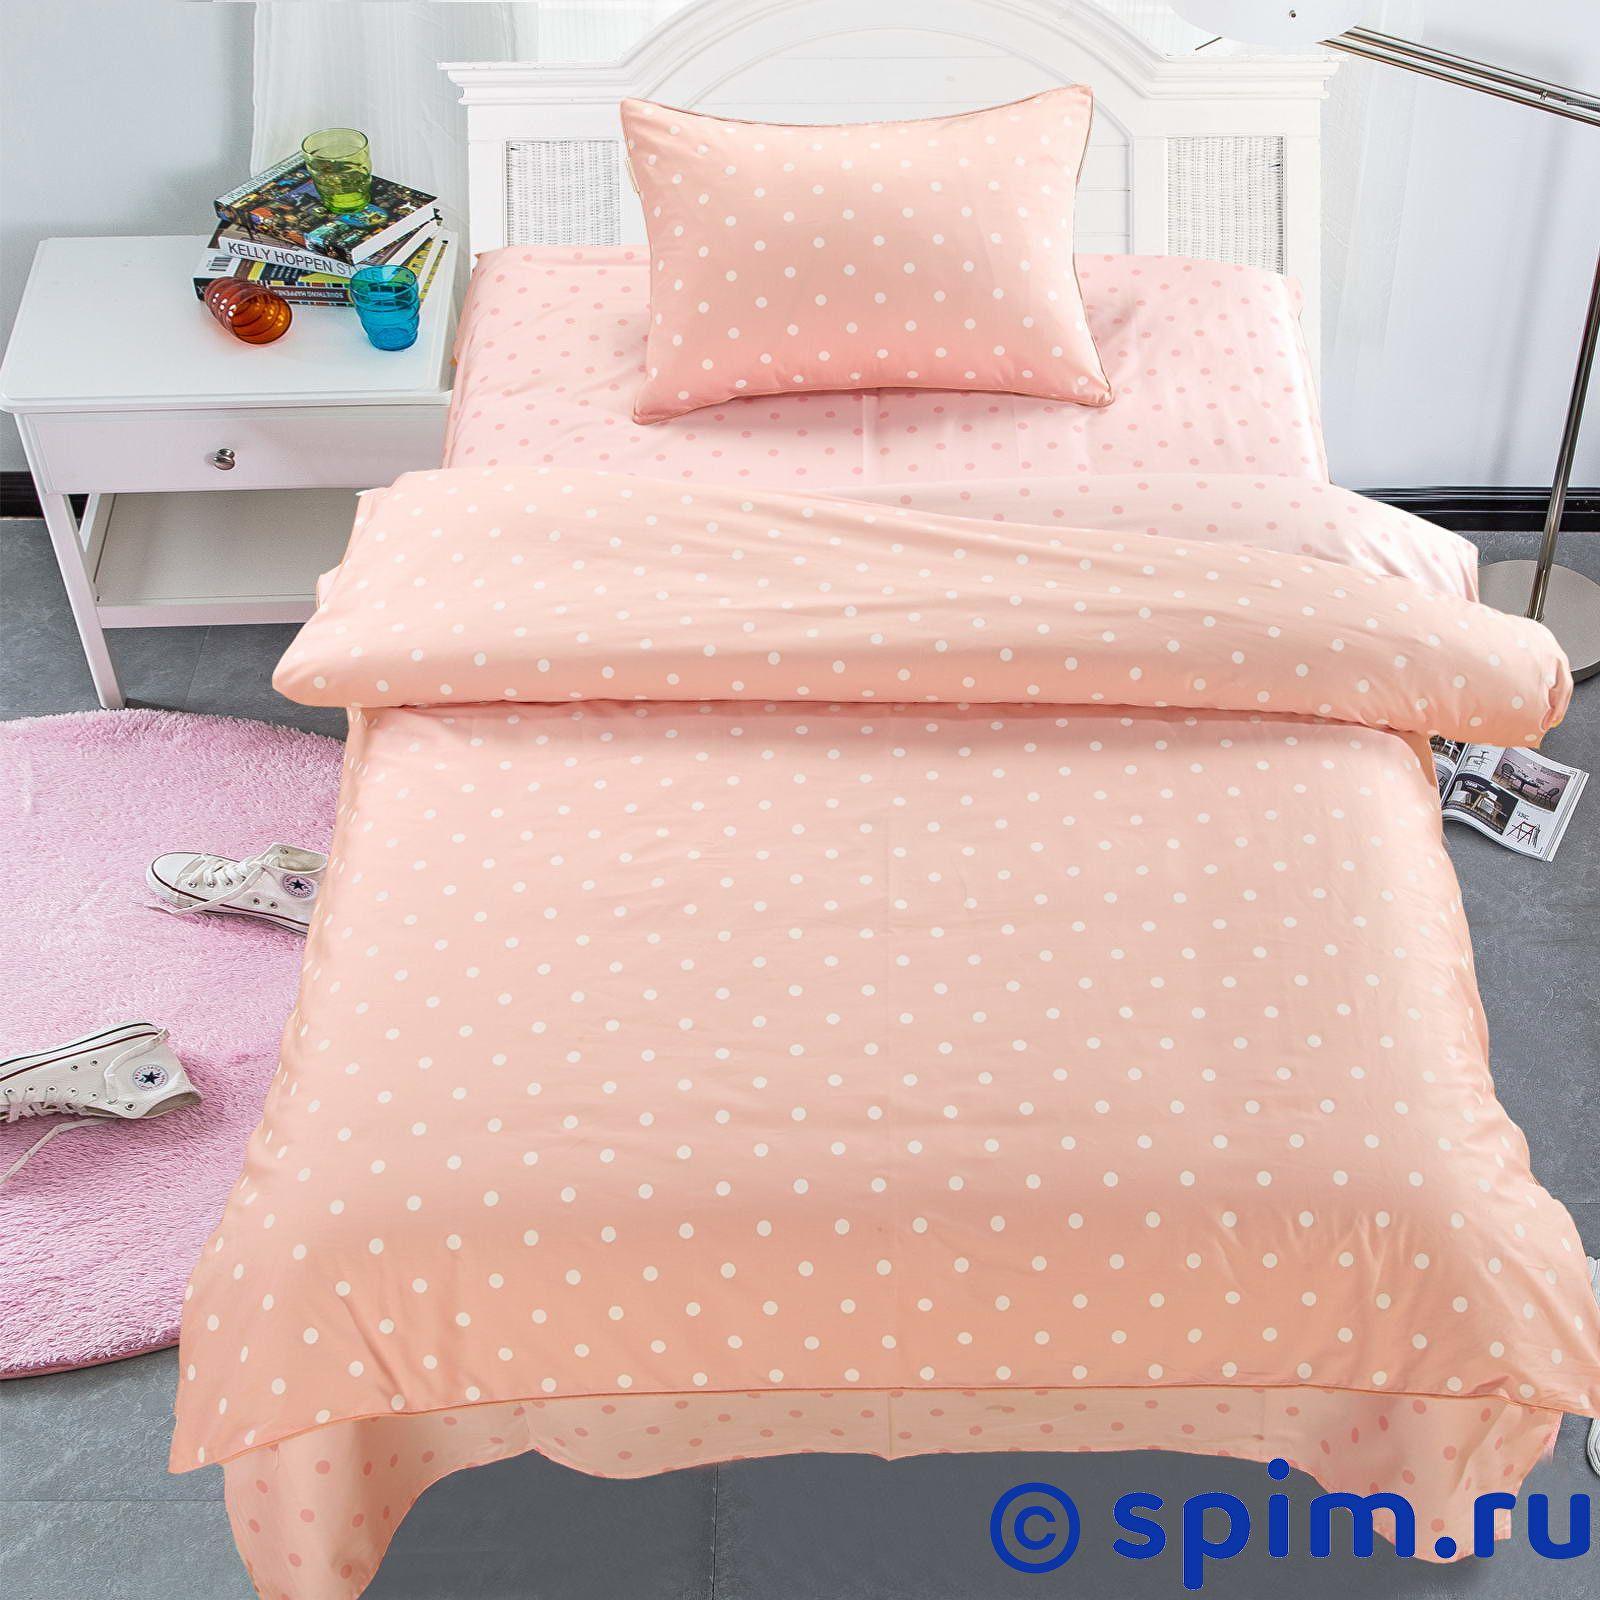 Постельное белье Sofi De Marko Уолли, розовый сумка printio найти уолли